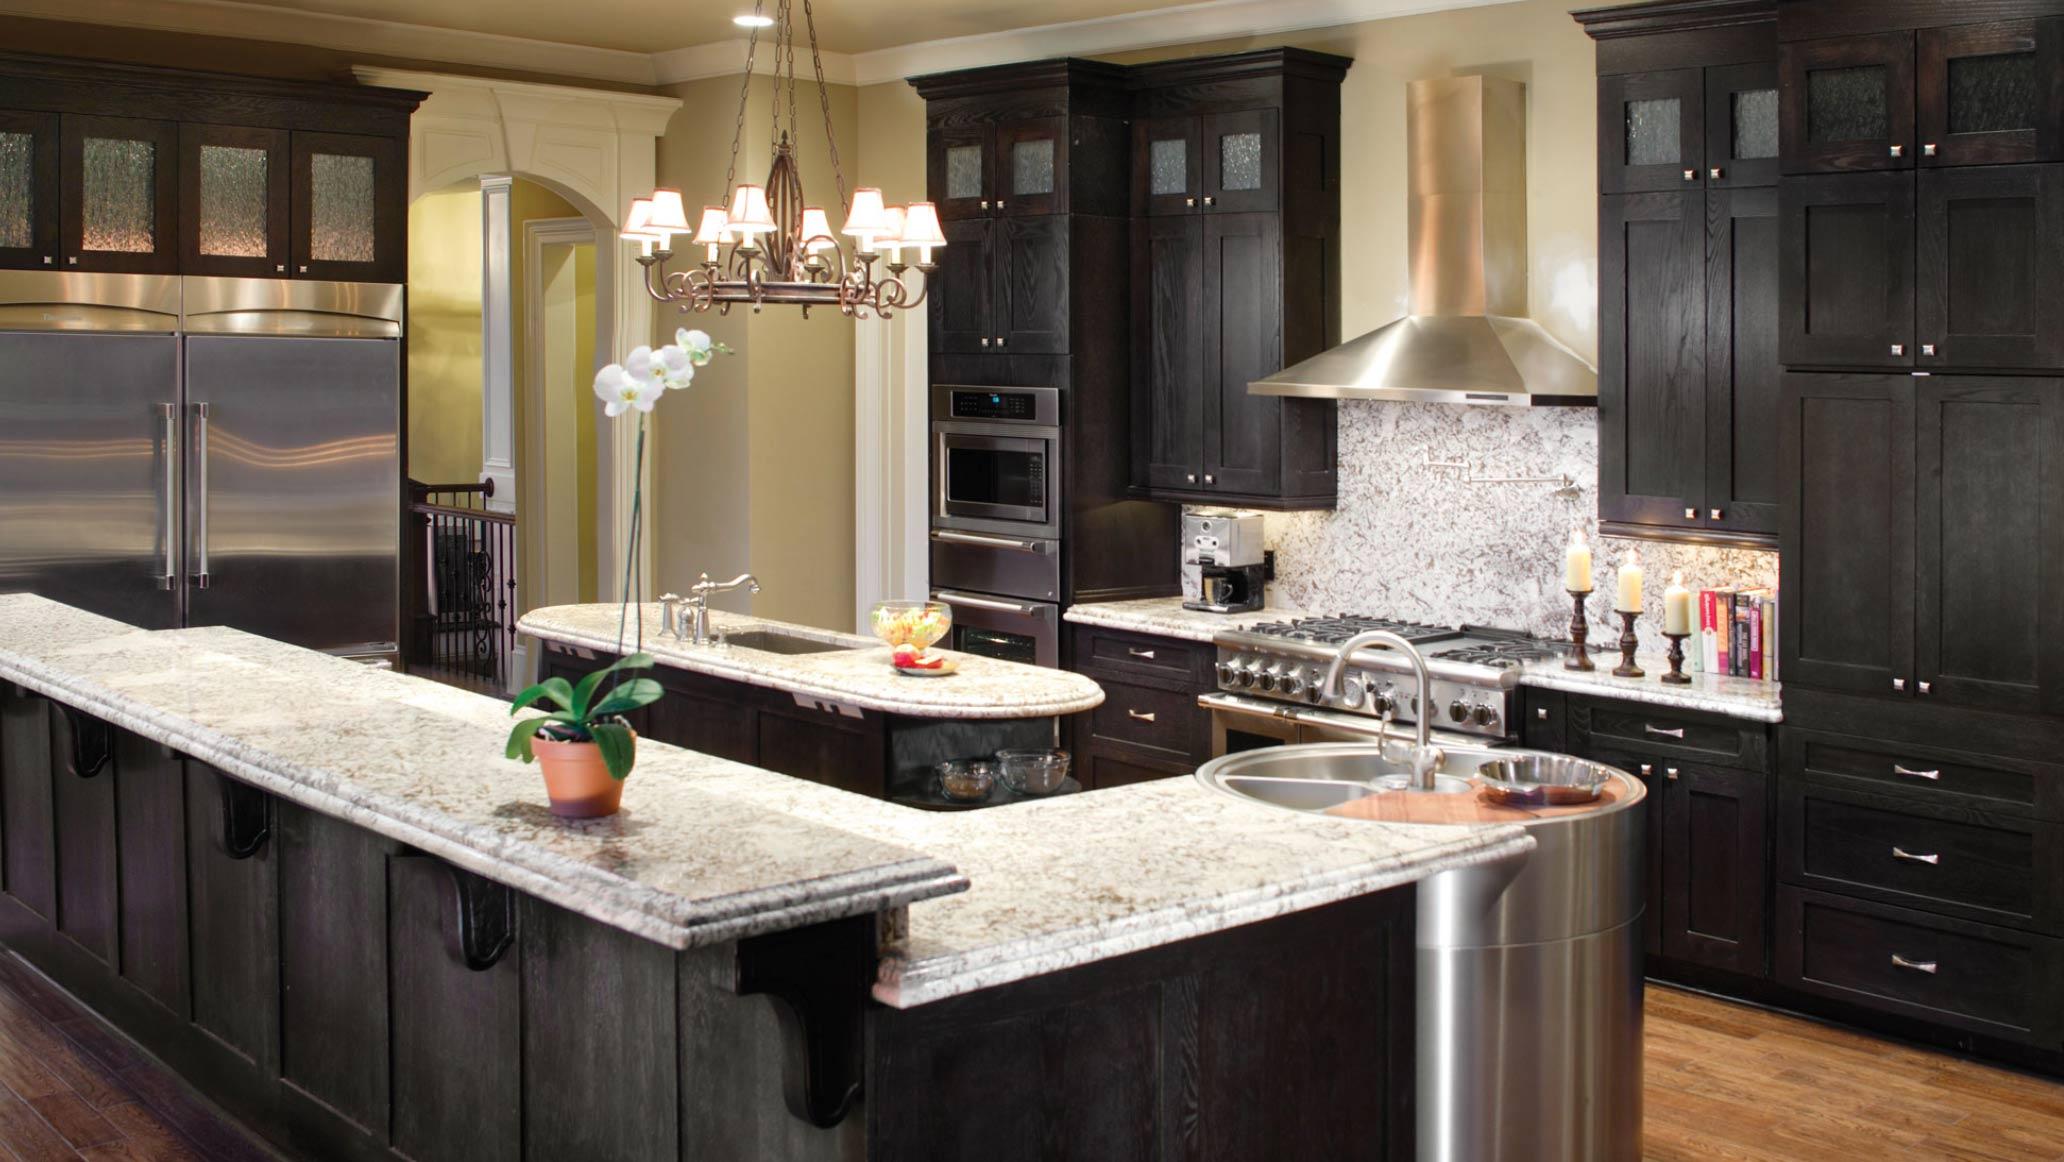 kitchen remodeling & design by denver kitchen contractors   denver, co